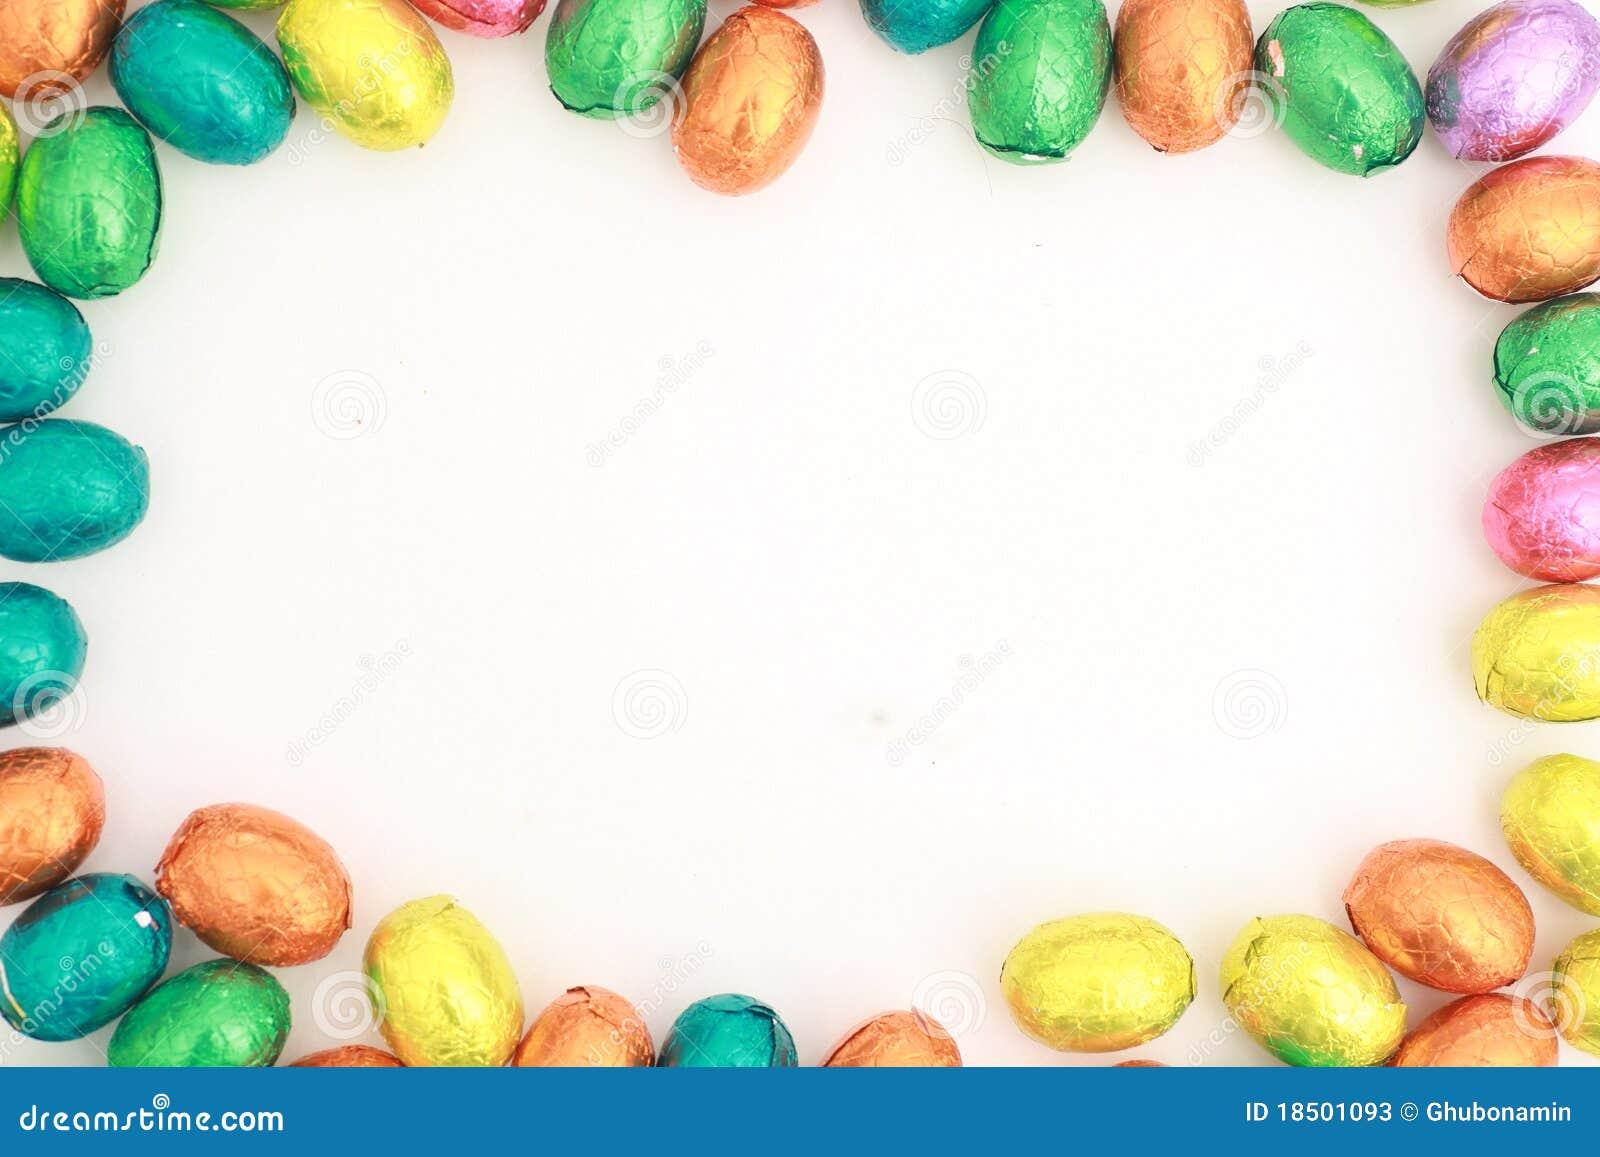 Schokoladen-Eier ein traditioneller Ostern-Bonbon.